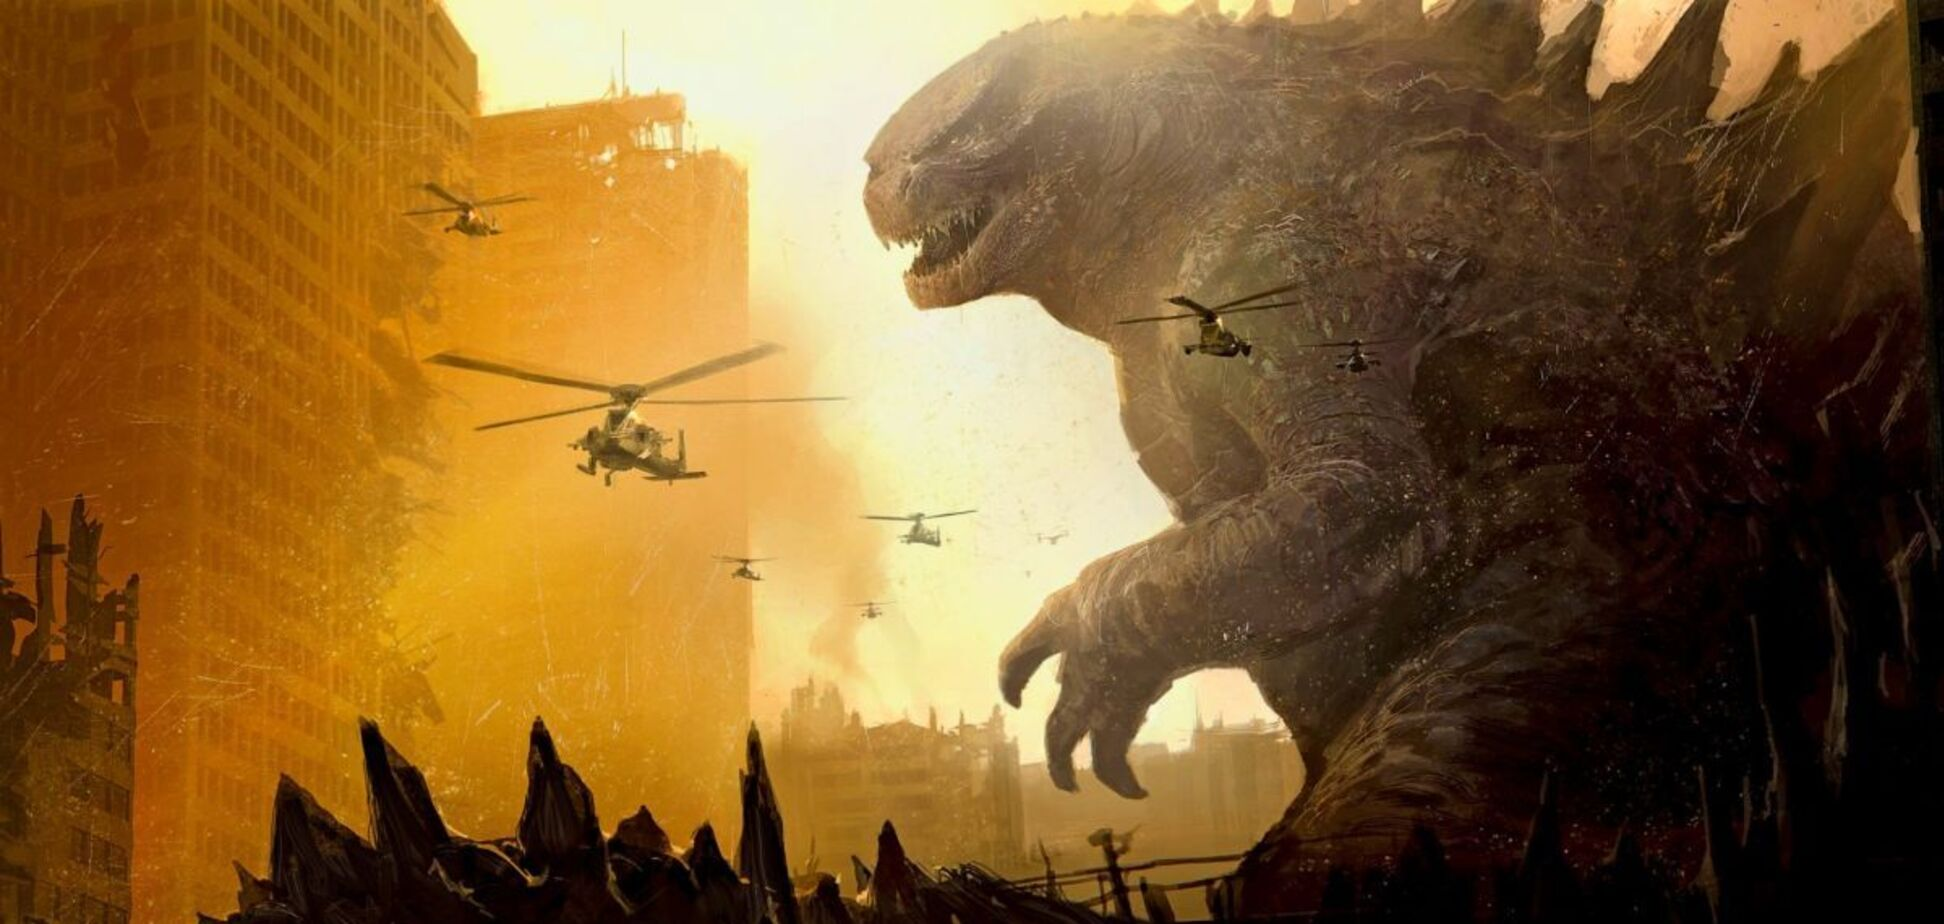 Появился трейлер к фильму 'Годзилла против Конга' с бюджетом около 200 млн долларов